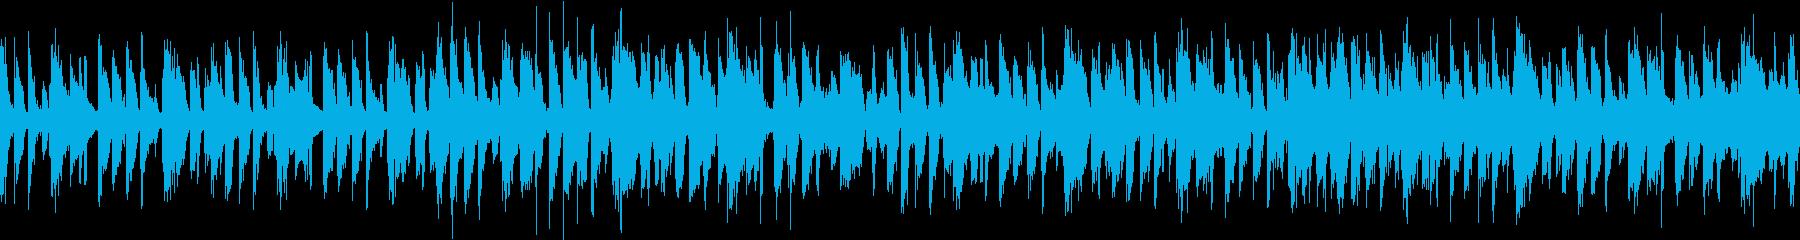 ノリの良いファンクにラテンギターをプラスの再生済みの波形